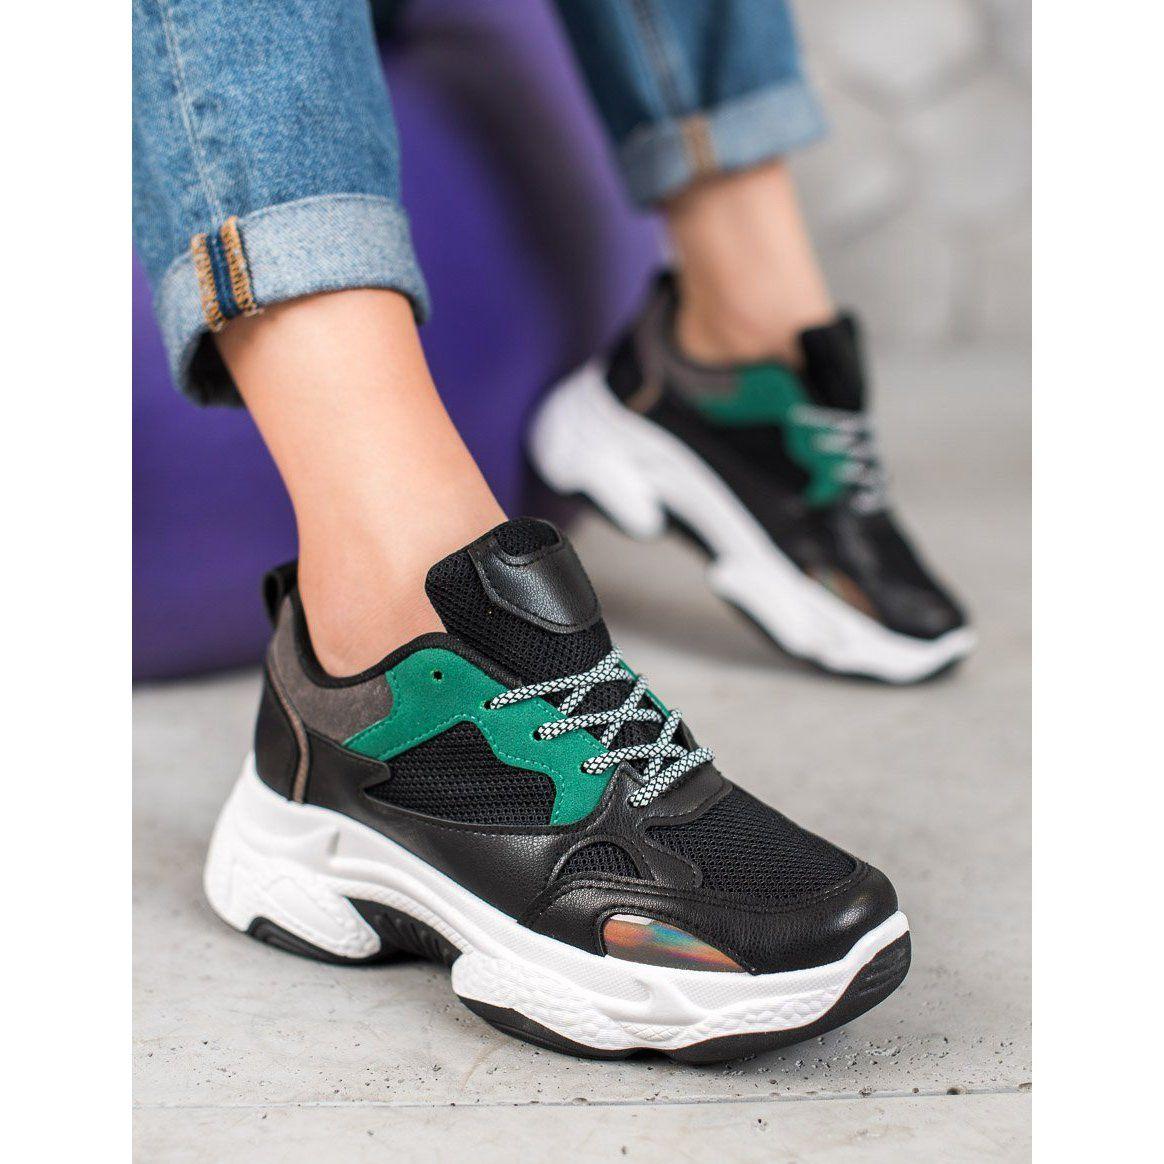 Shelovet Czarne Sportowe Sneakersy Oxford Ayakkabi Oxford Ayakkabilar